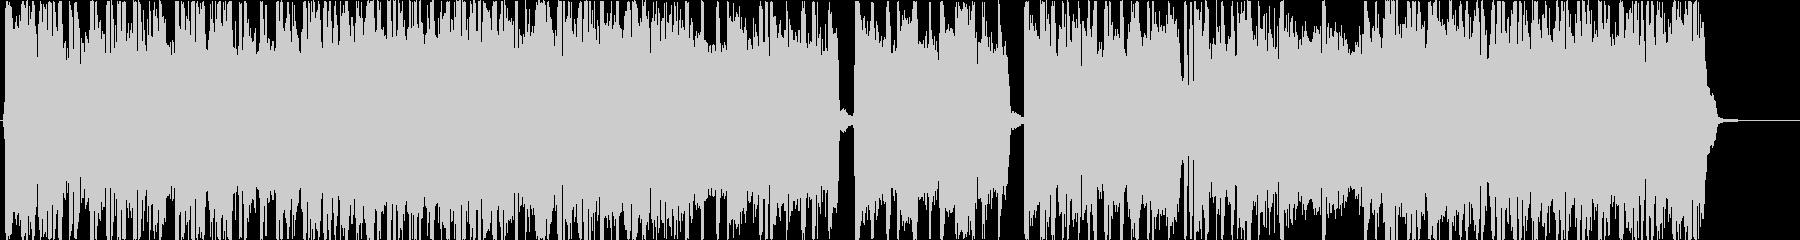 ヘビーメタル、ハードロック、リフ3の未再生の波形